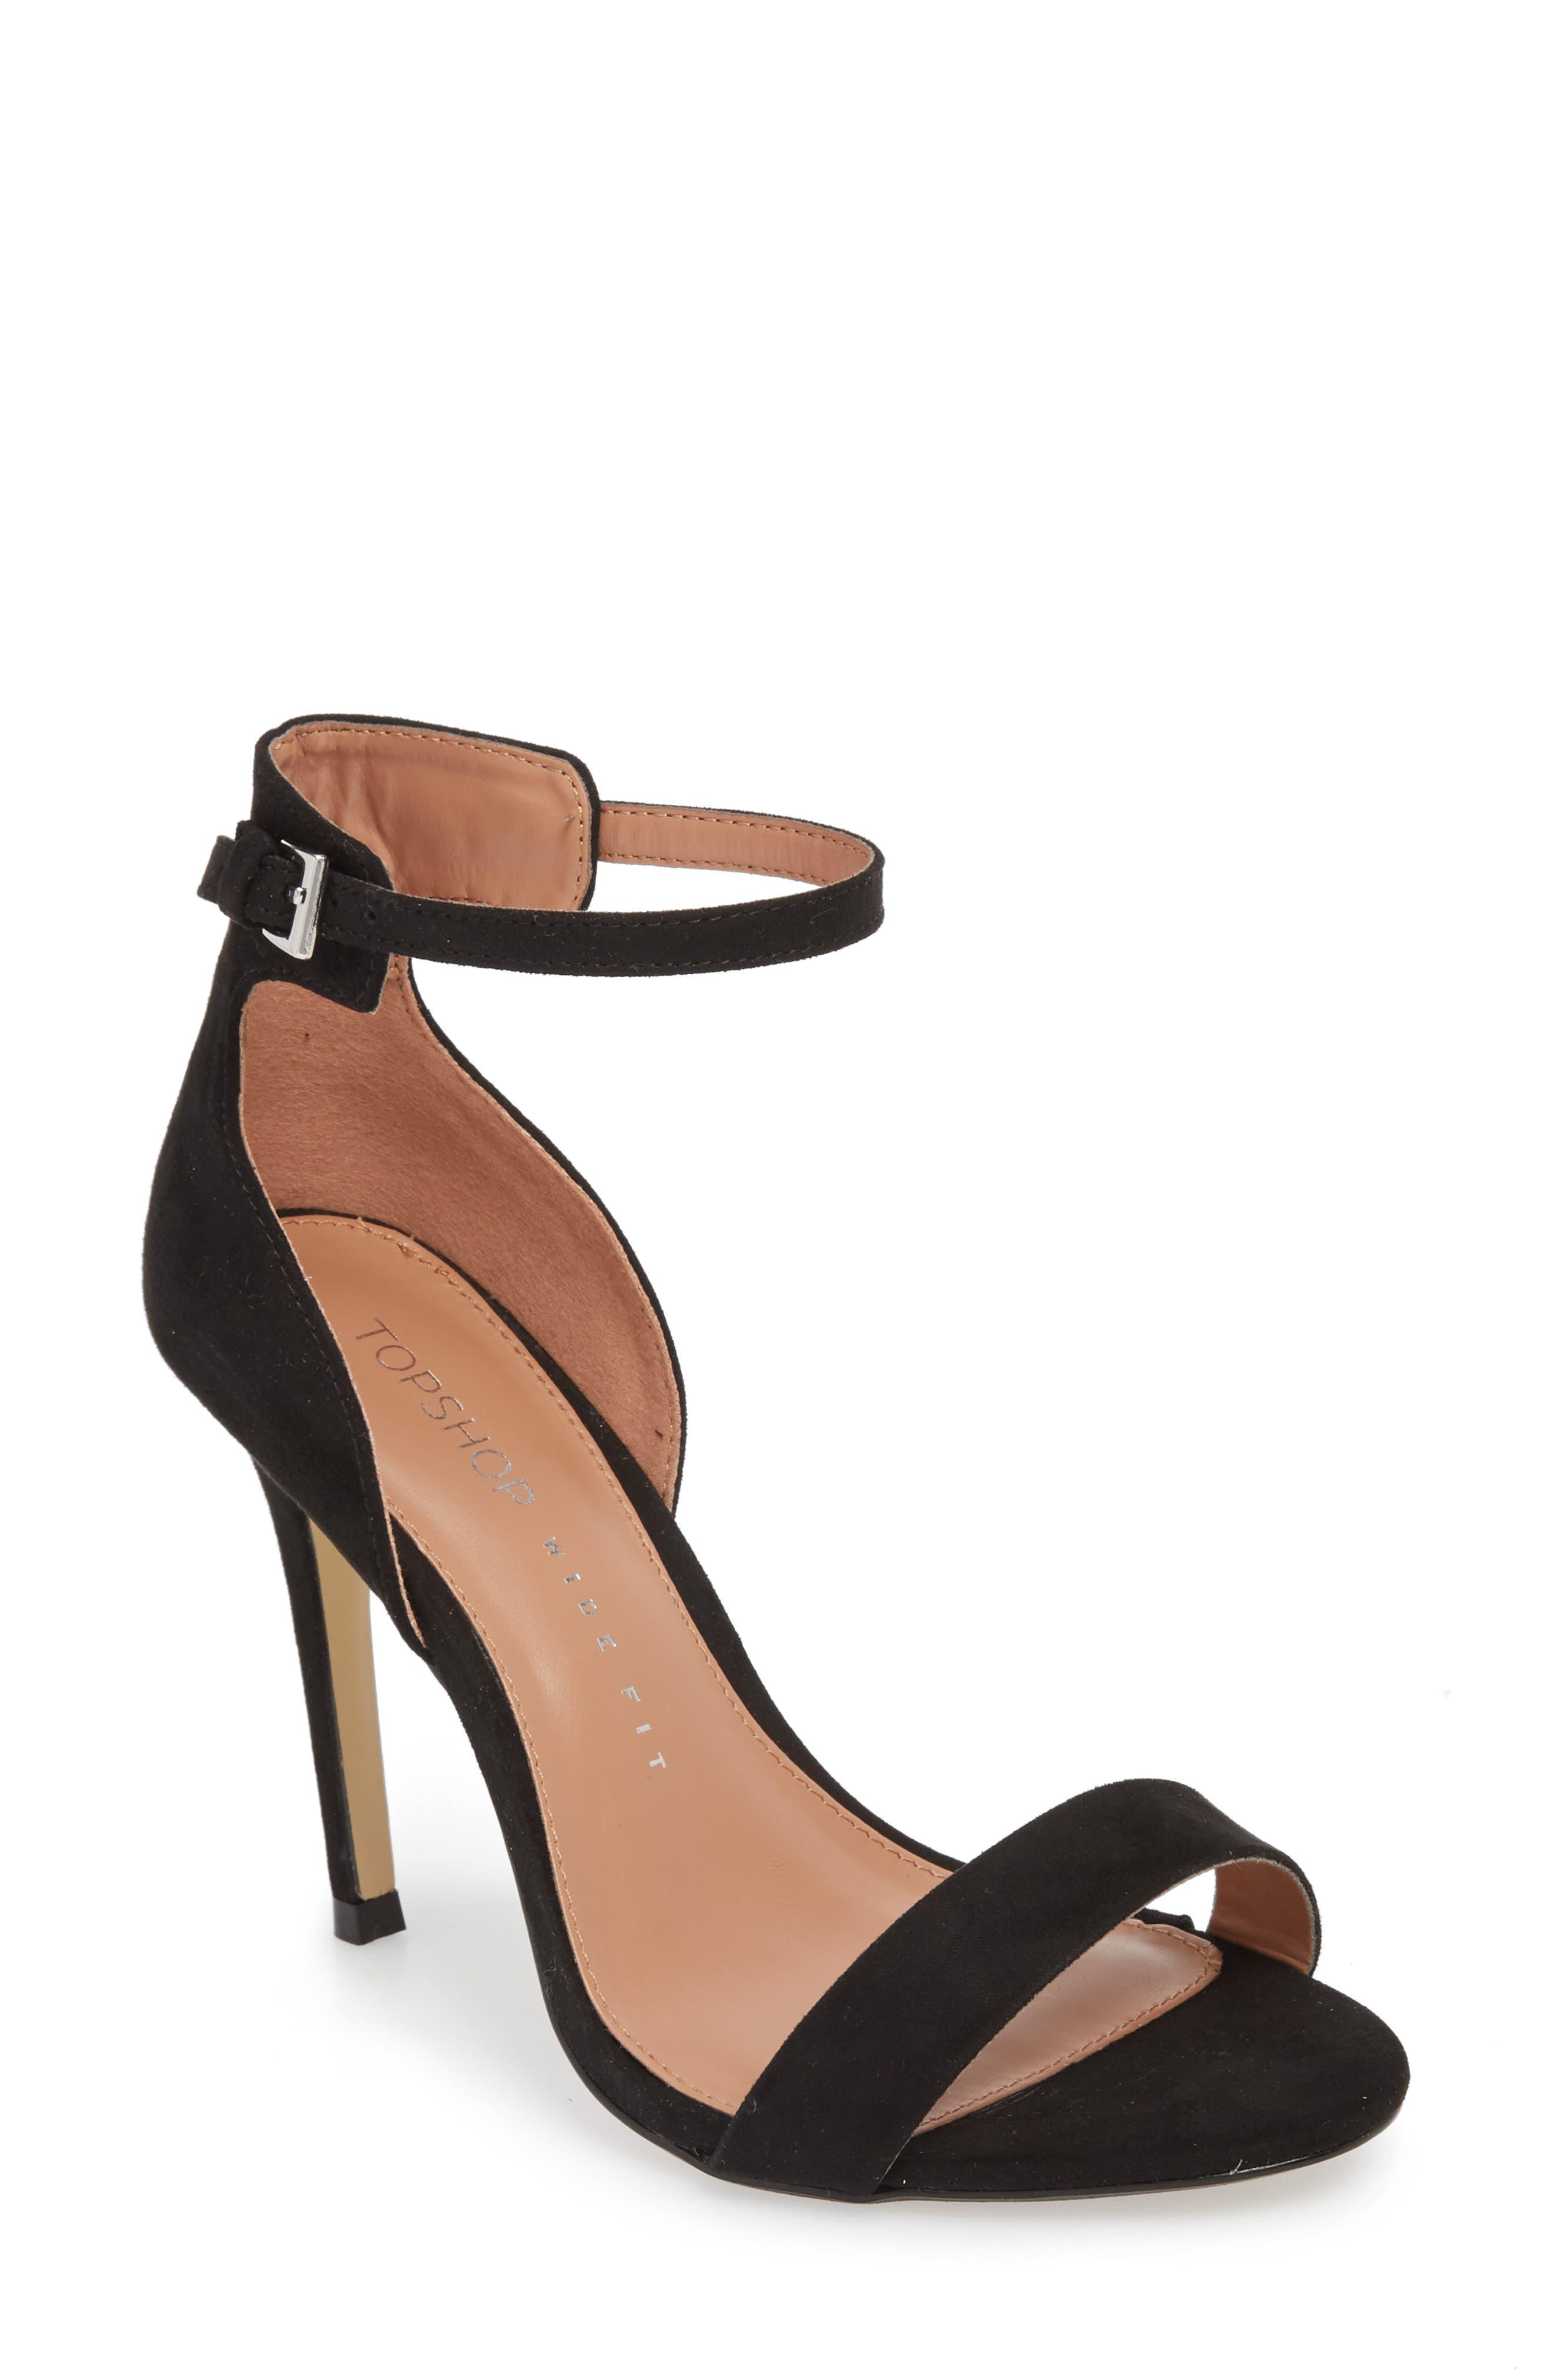 Marcelle Ankle Strap Sandal,                             Main thumbnail 1, color,                             BLACK